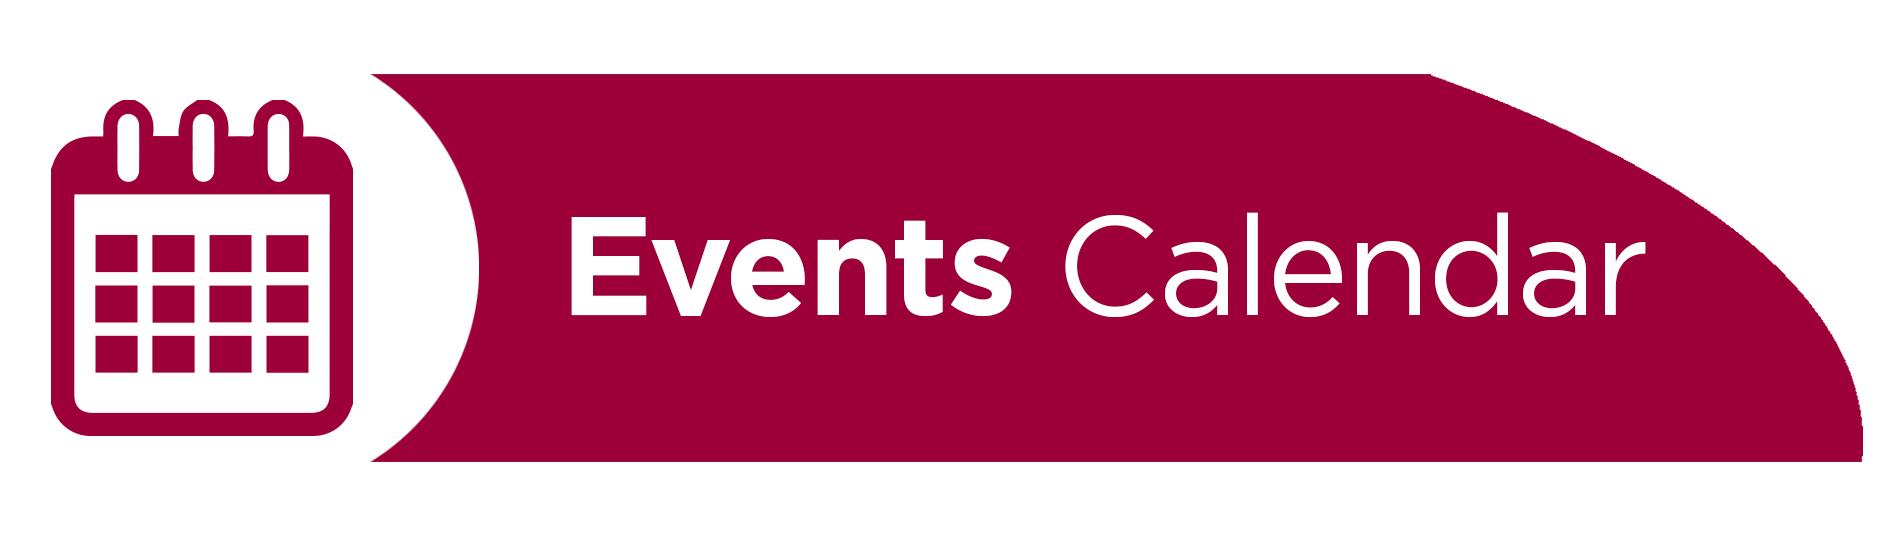 Events Calendar Banner